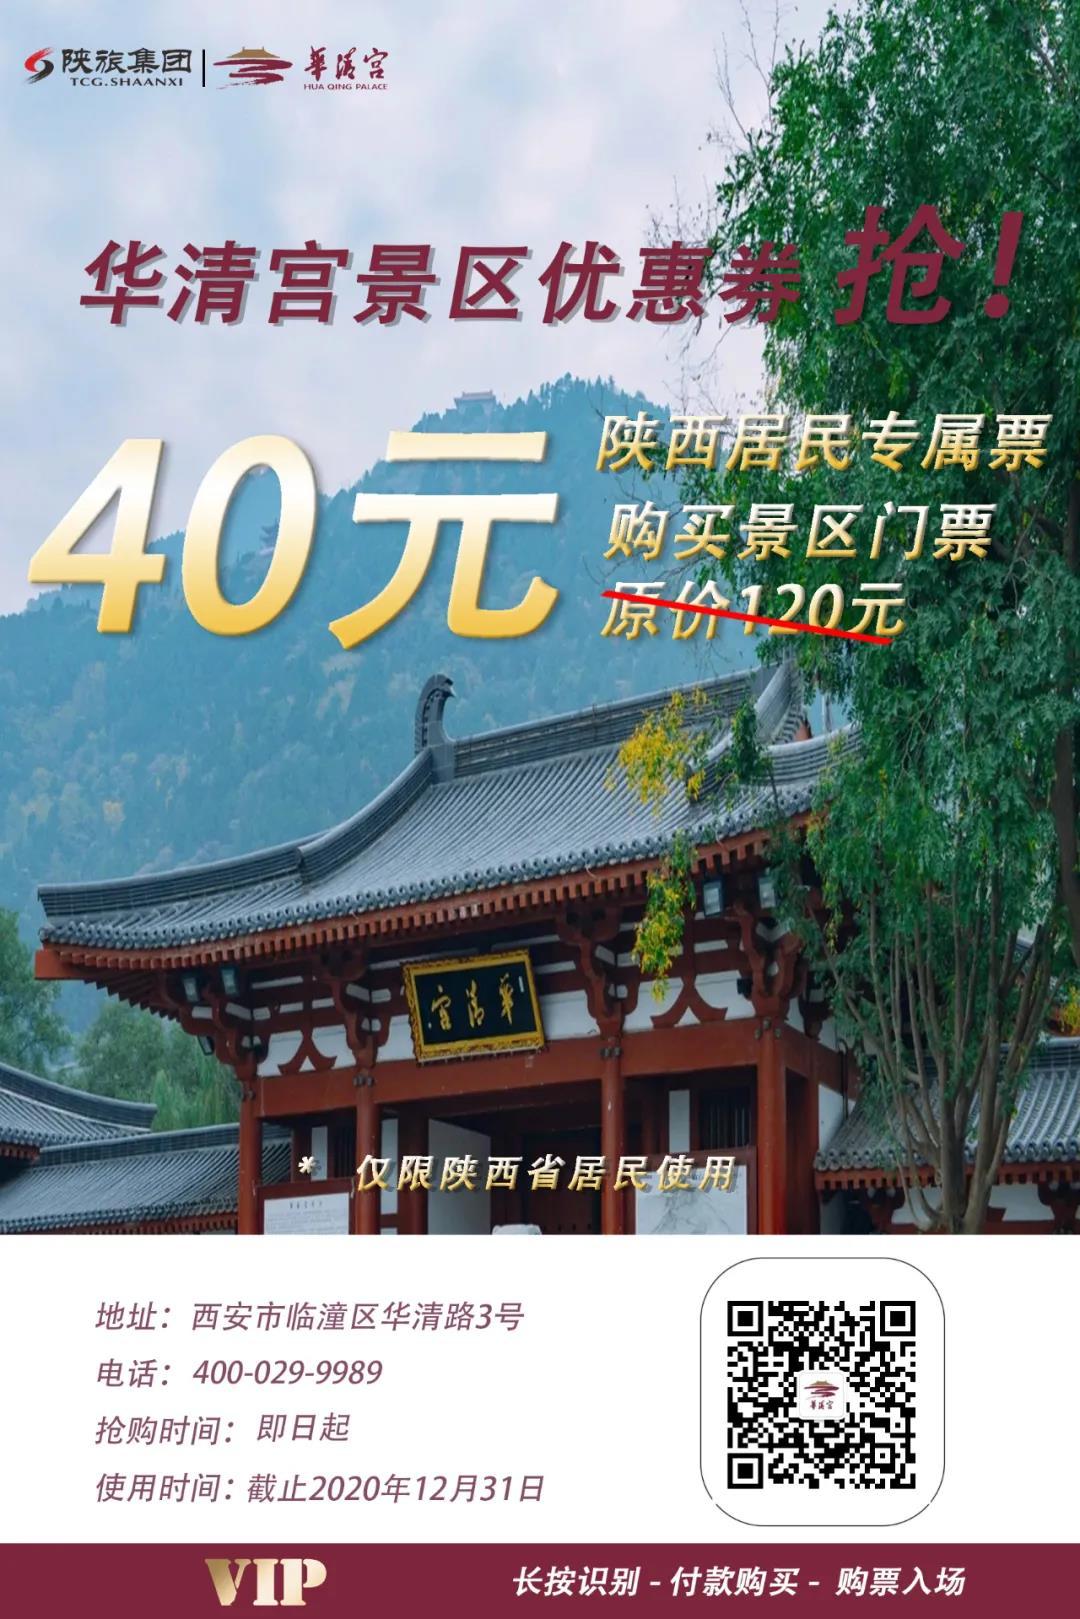 微信图片_20200904085126.jpg